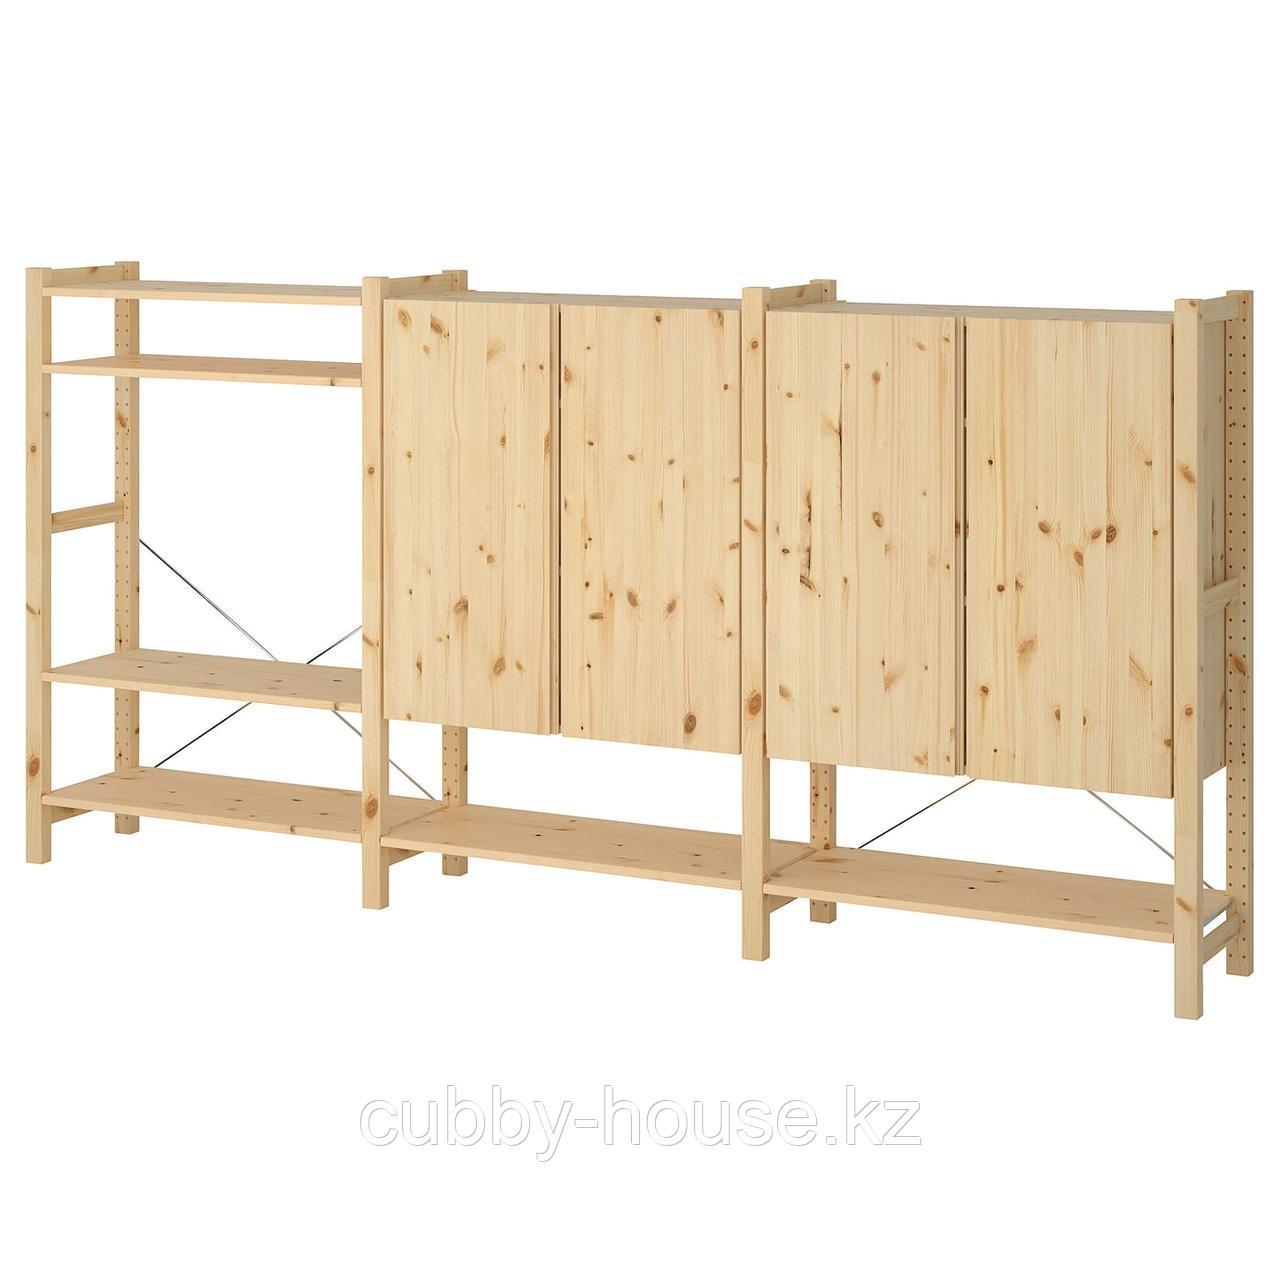 ИВАР 3 секции/полки/шкаф, сосна, 259x30x124 см